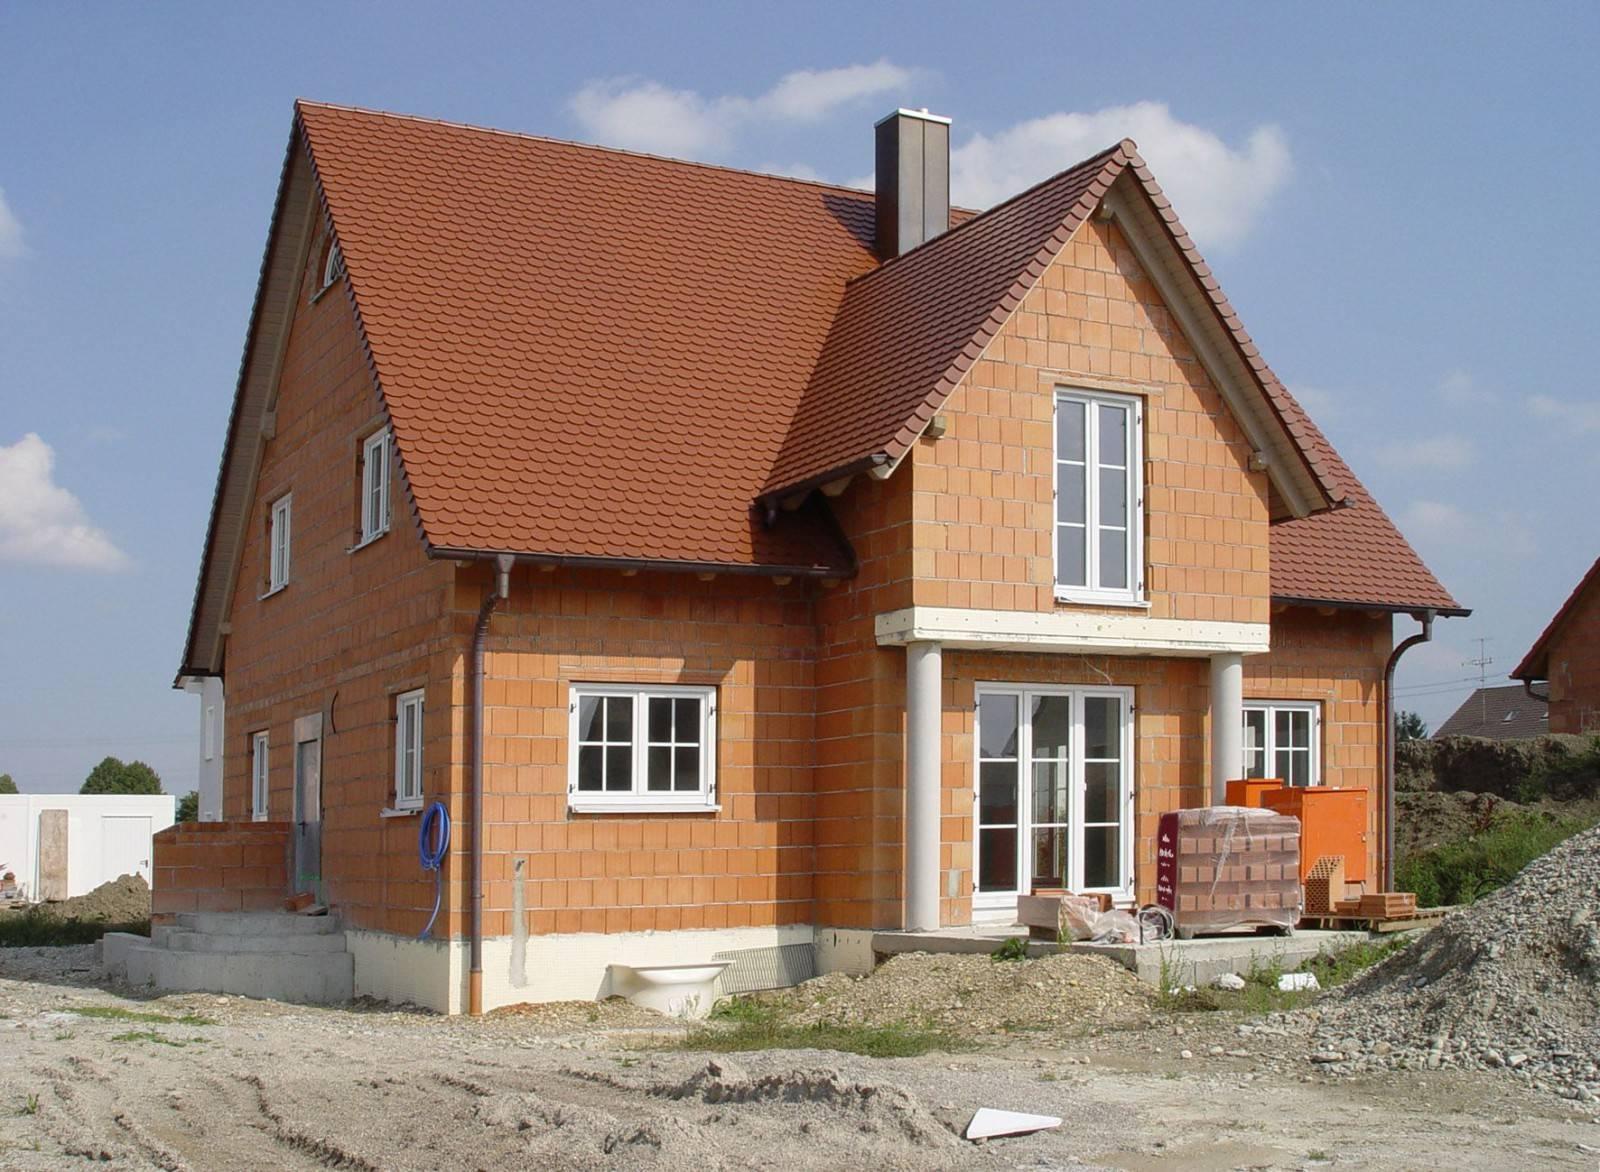 Кирпичный дом своими руками: фото, видео инструкция кирпичный дом своими руками: фото, видео инструкция